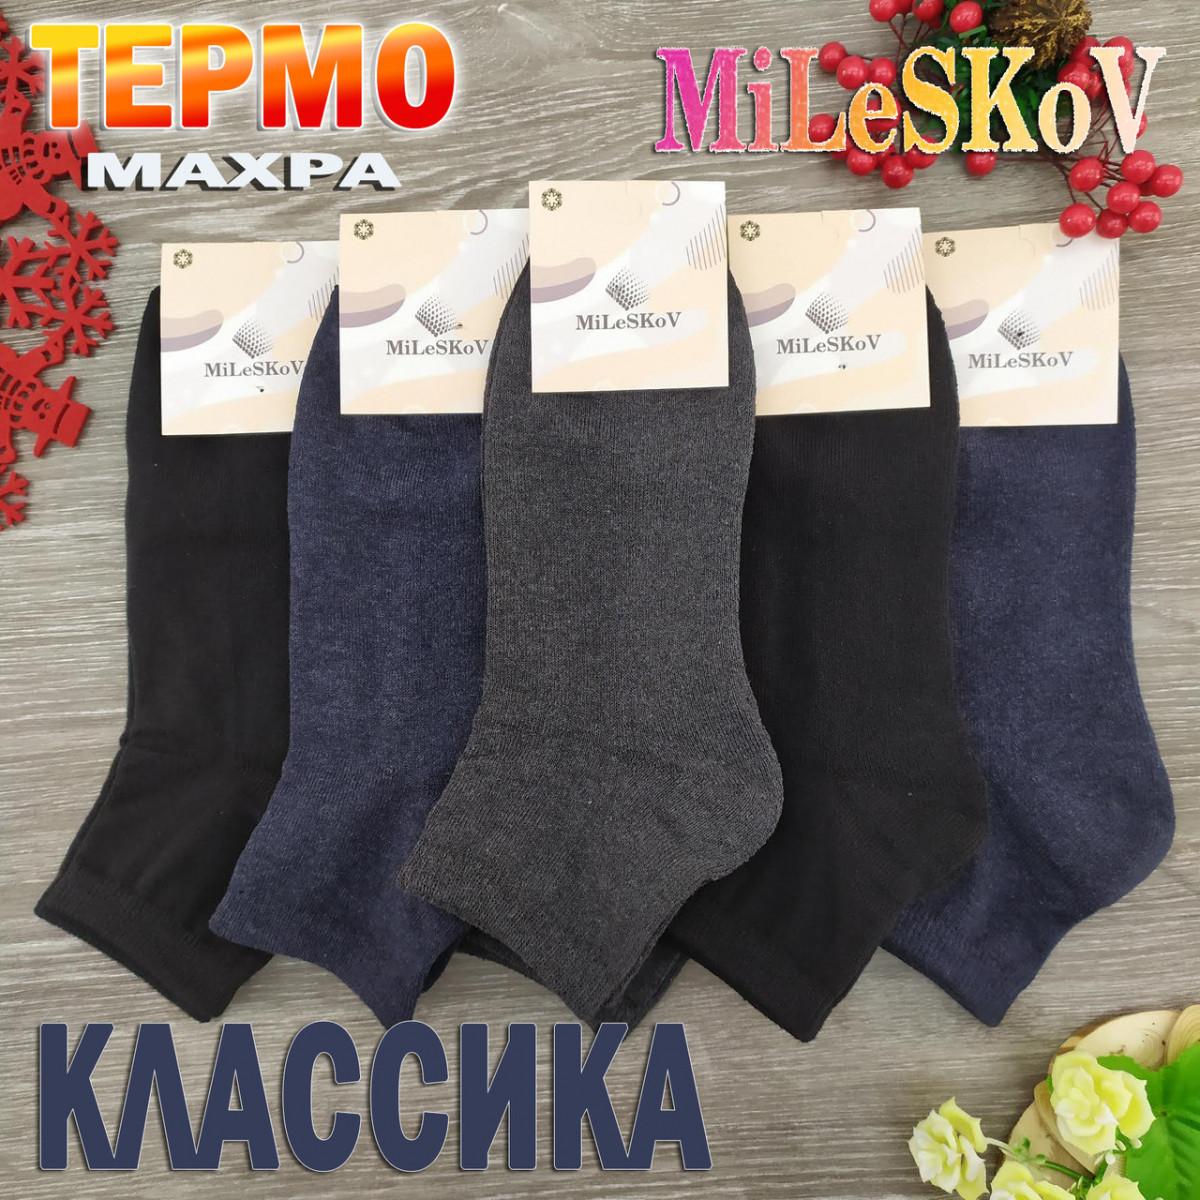 Носки женские однотонные махровая стопа средние Mileskov 36-41р тёмное ассорти 20034788